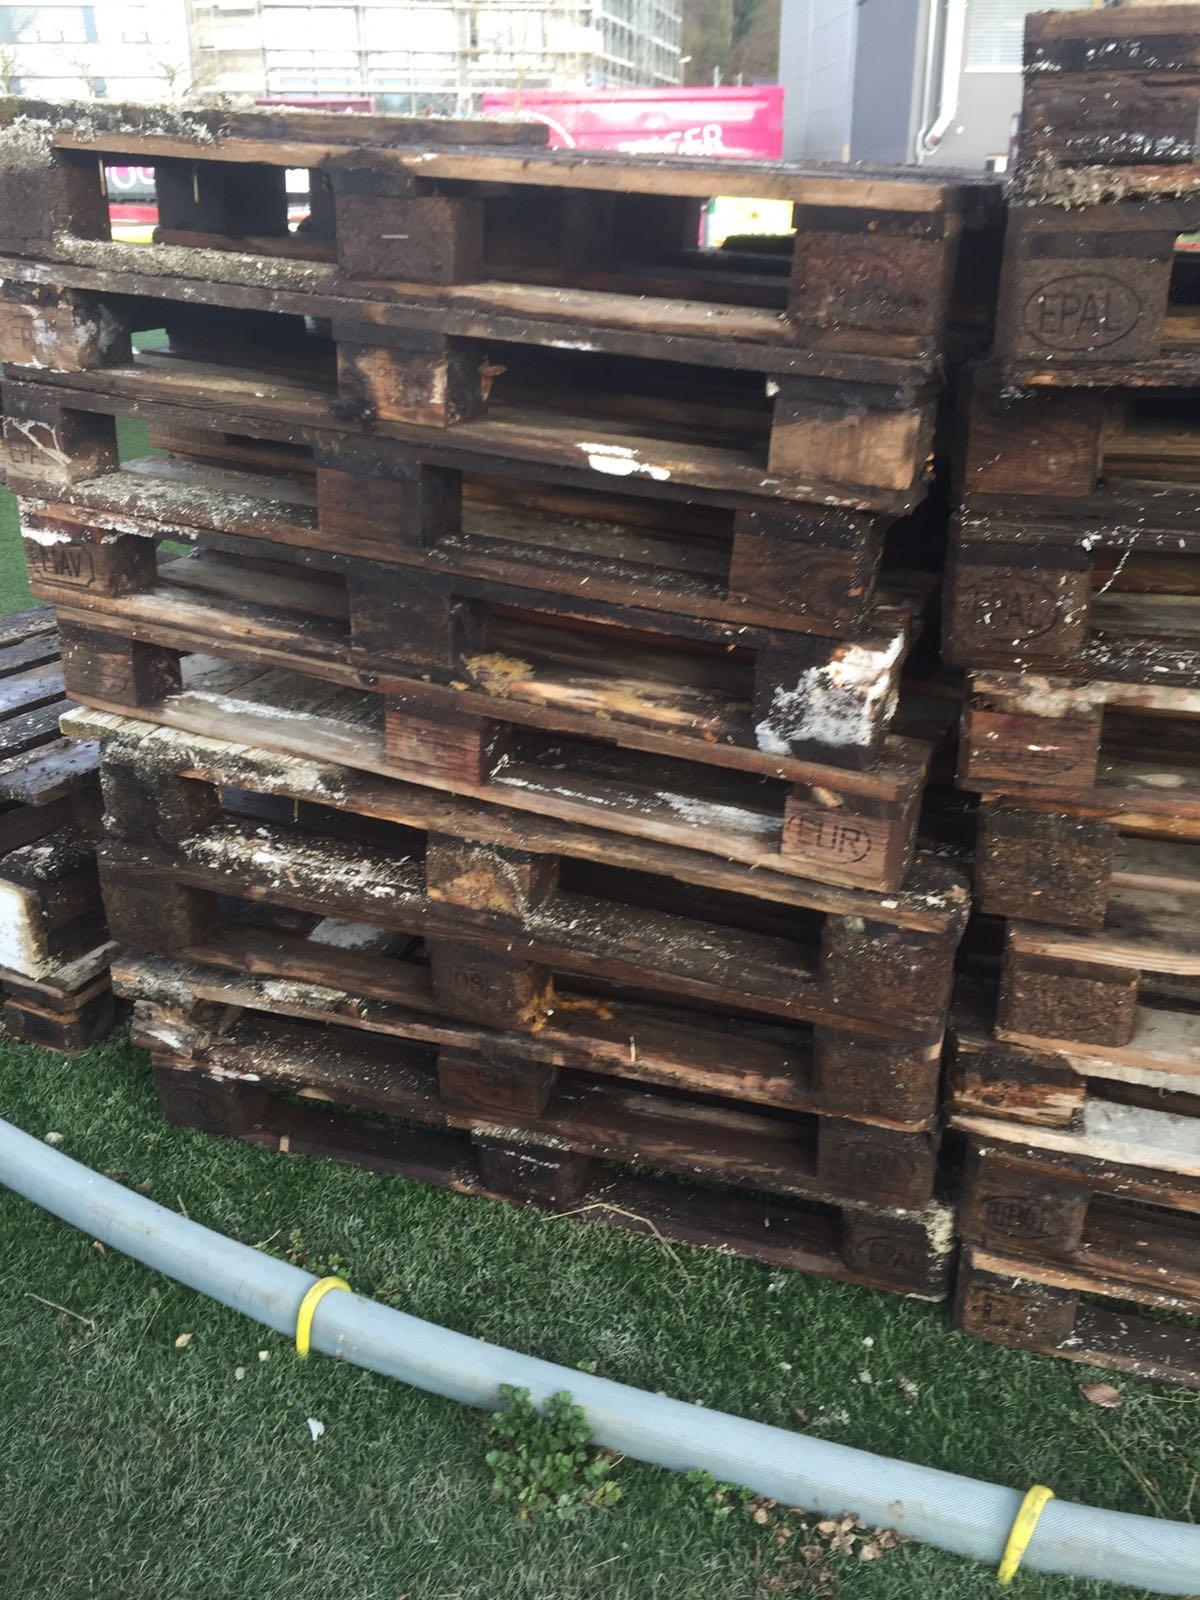 Die Treppe musste leider komplett verschrottet werden, da das Holz im inneren schimmelte